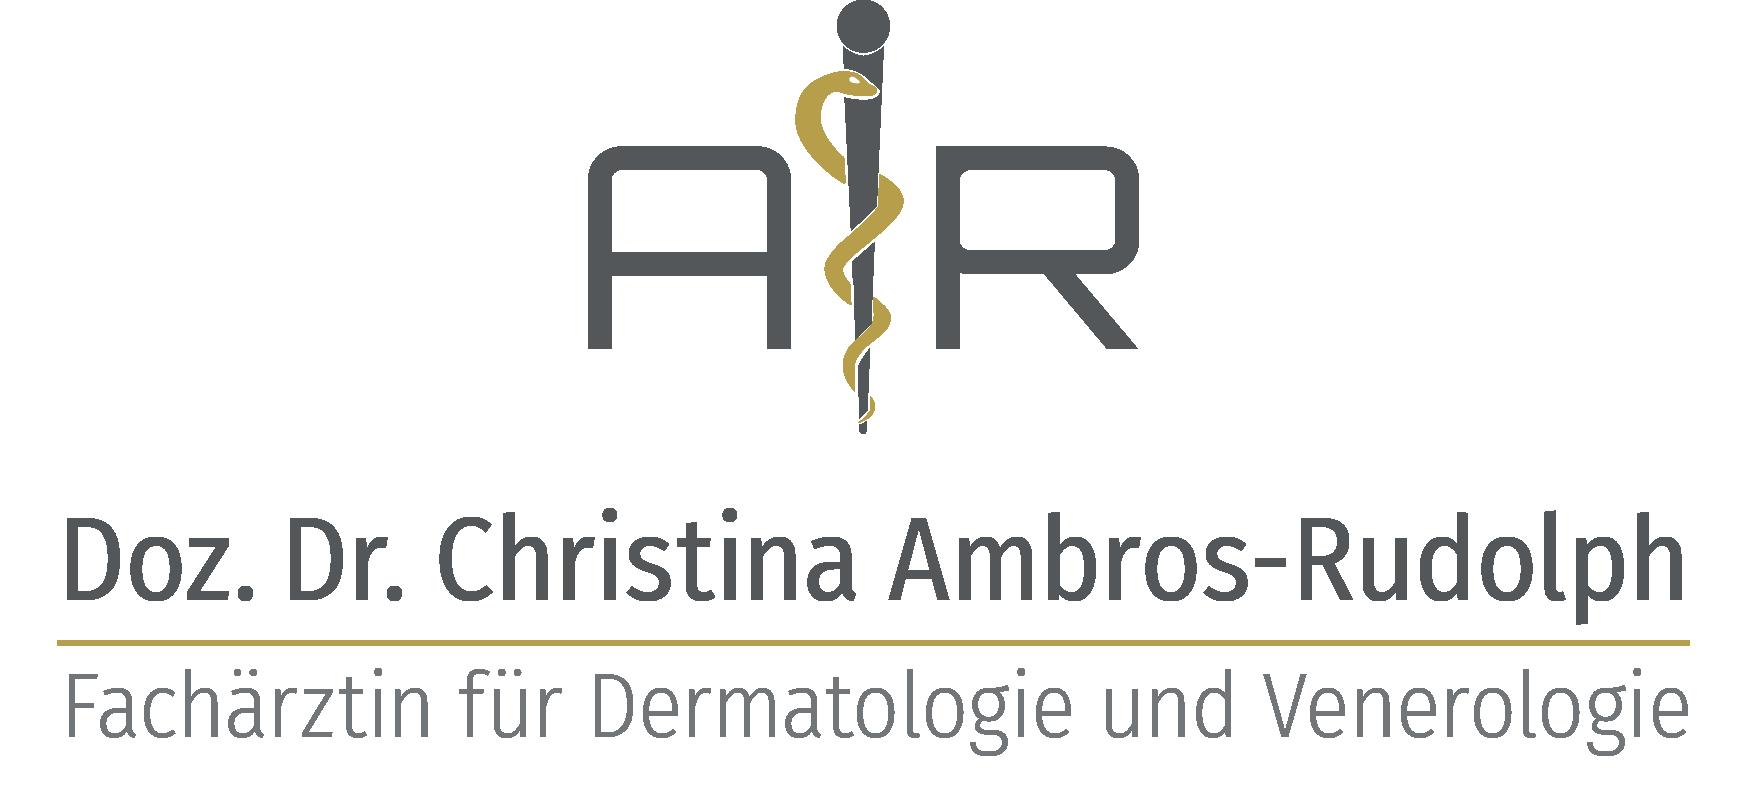 Hautarztpraxis Doz.Dr. Ambros-Rudolph